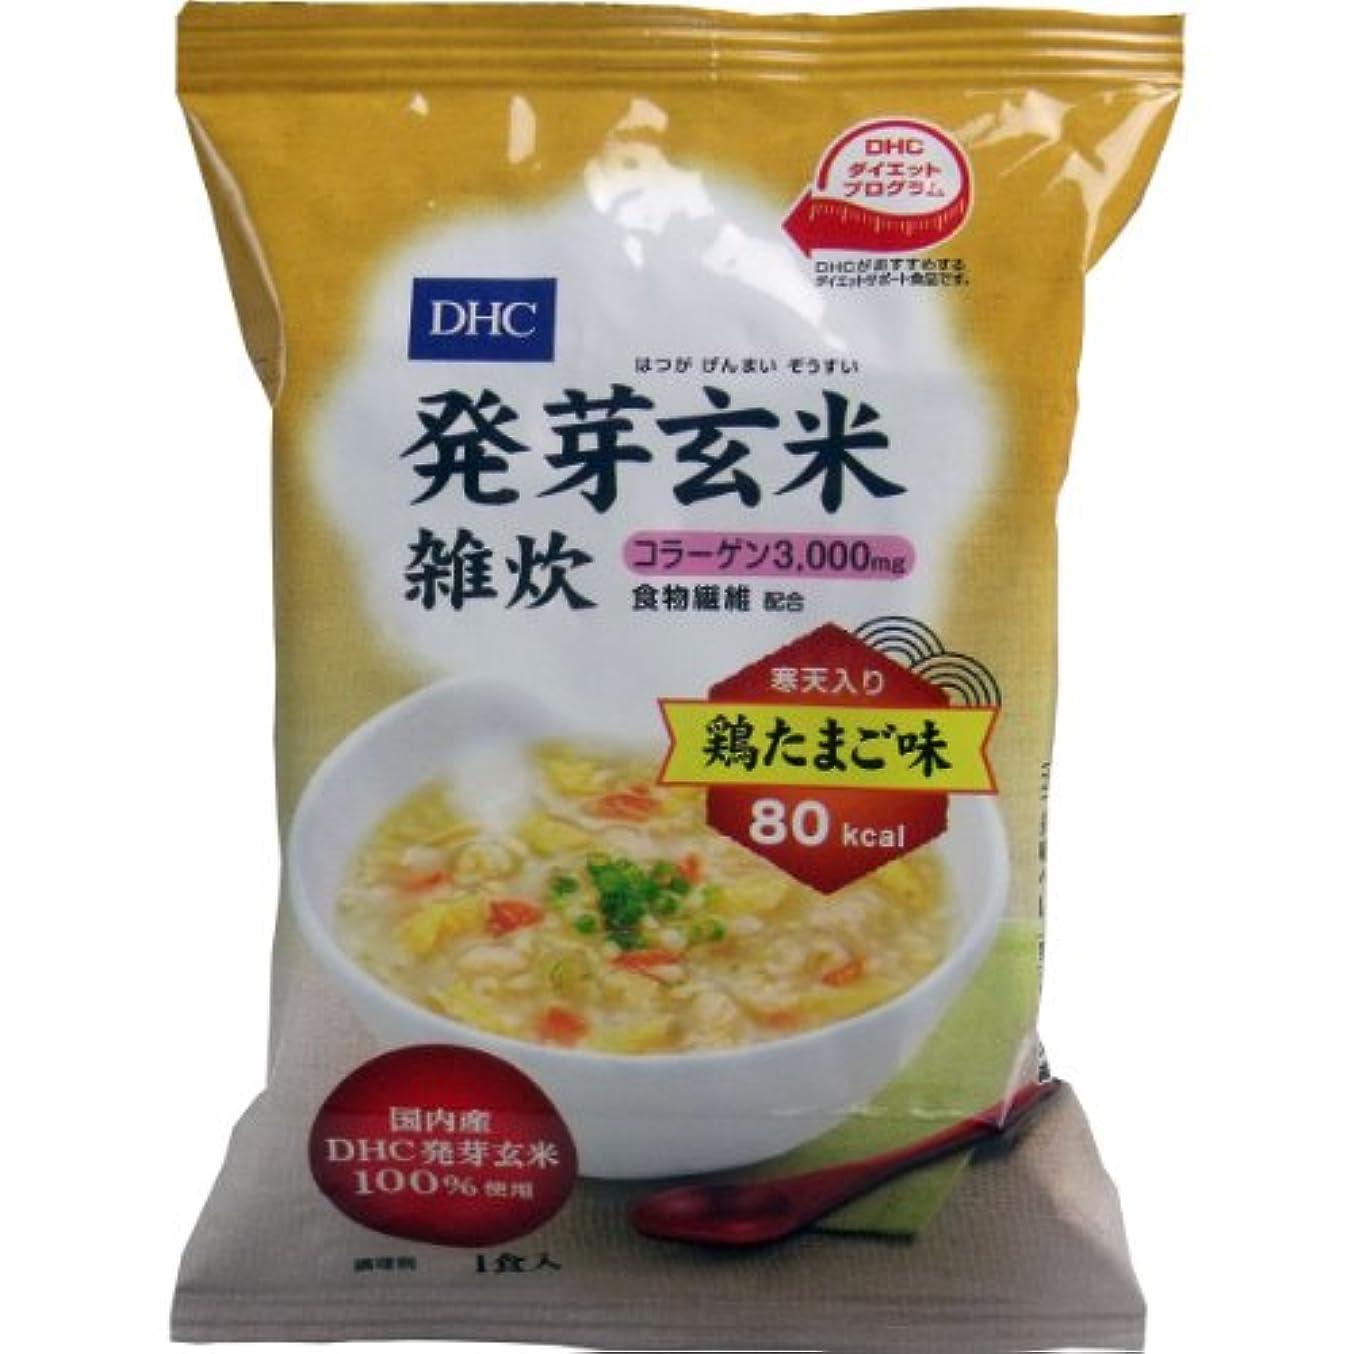 ペンフレンド怖がらせるはしごDHC発芽玄米雑炊(コラーゲン?寒天入り) 鶏たまご味